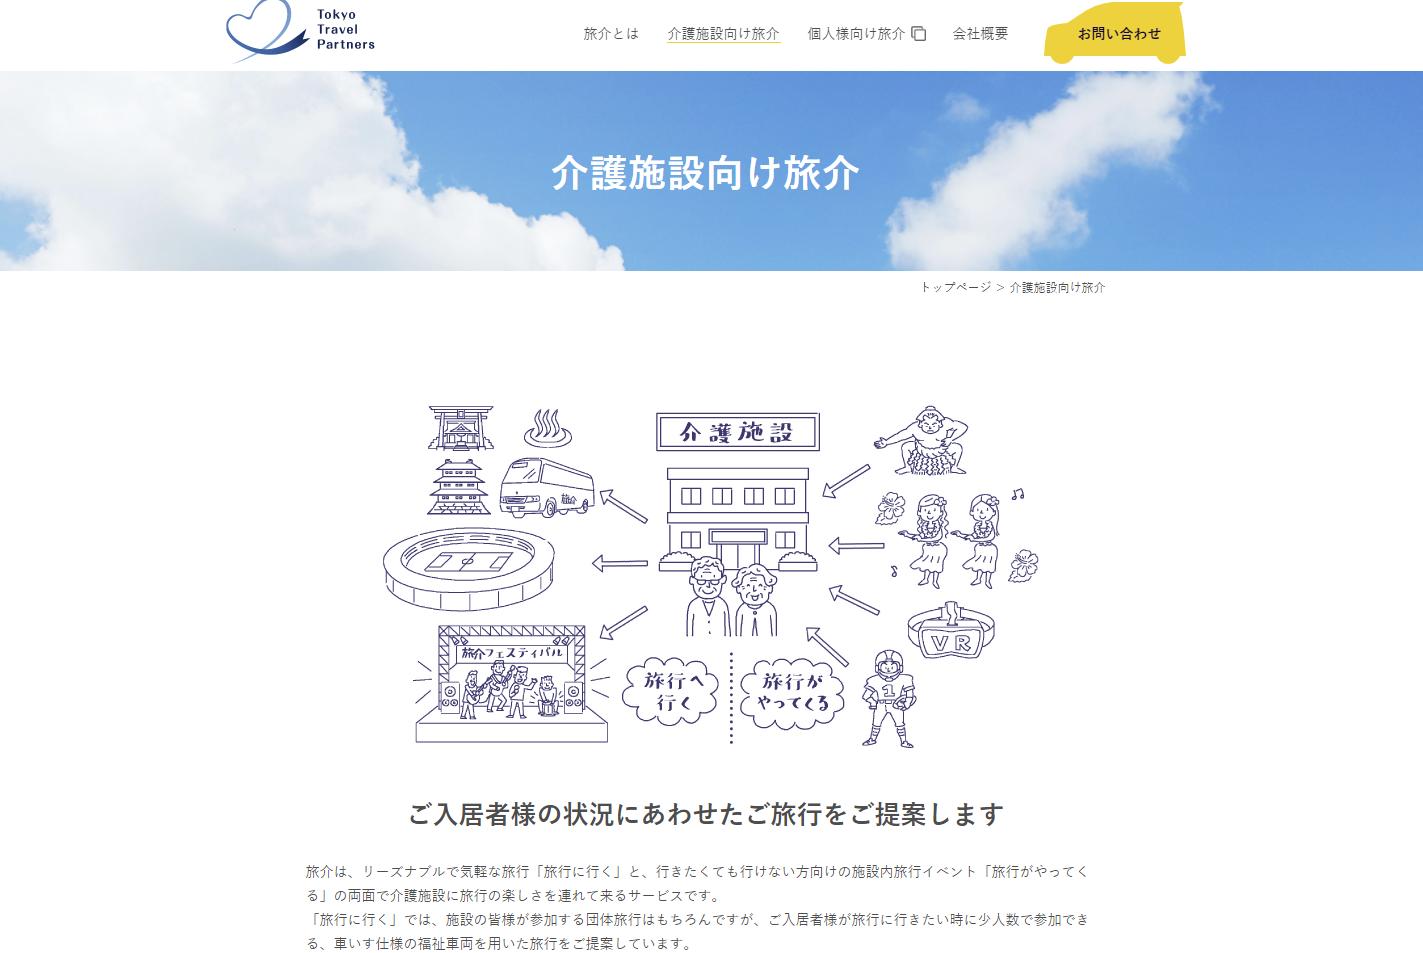 介護施設向けの旅行サービス「旅介」のホームページ